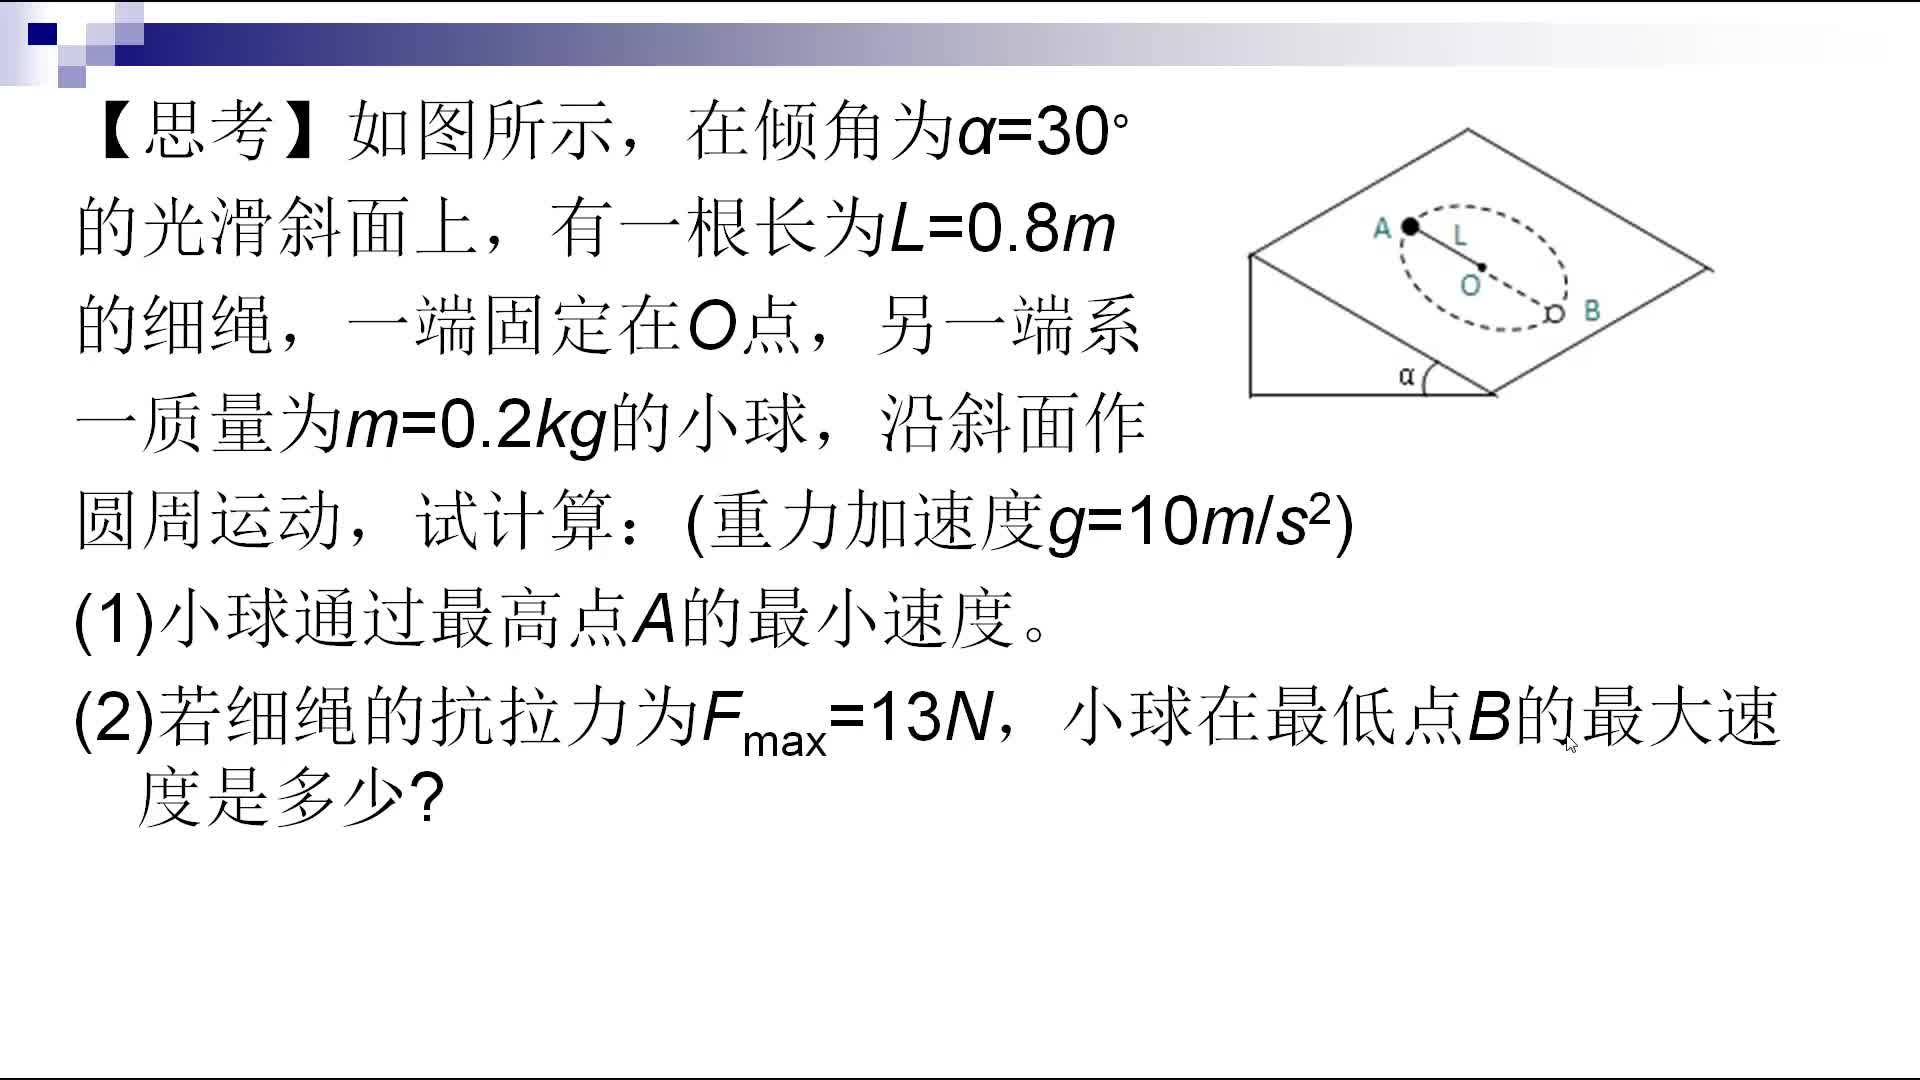 人教版高中物理必修二 曲线运动5.7生活中的圆周运动小球在斜面上做圆周运动(圆周运动难点辨析)-视频微课堂